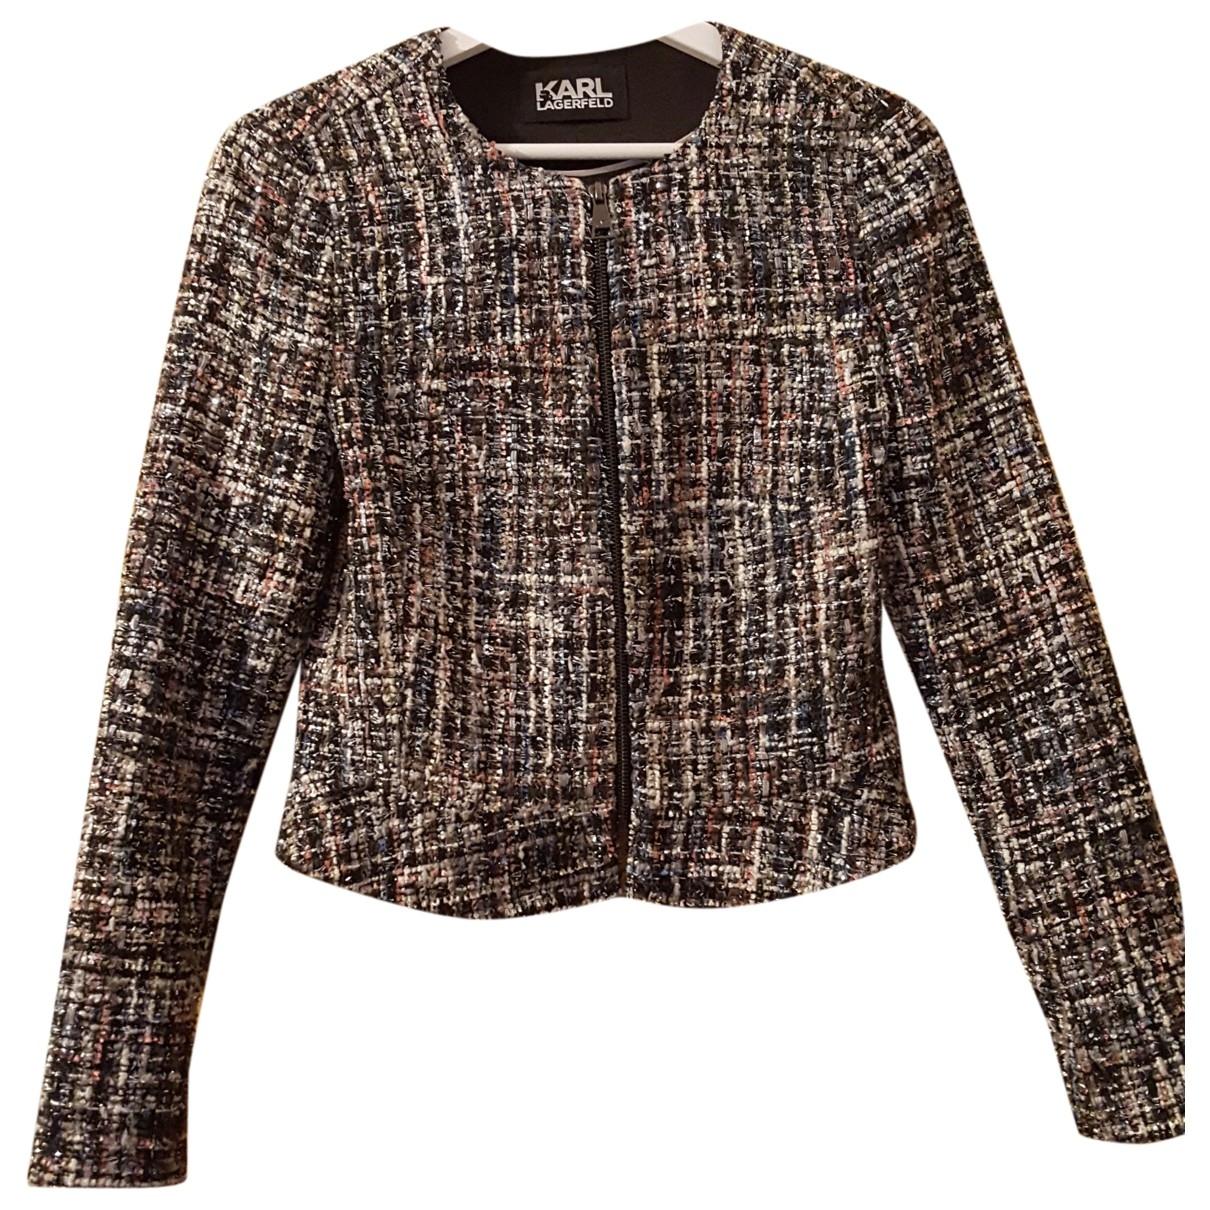 Karl Lagerfeld \N Multicolour jacket for Women 34 FR